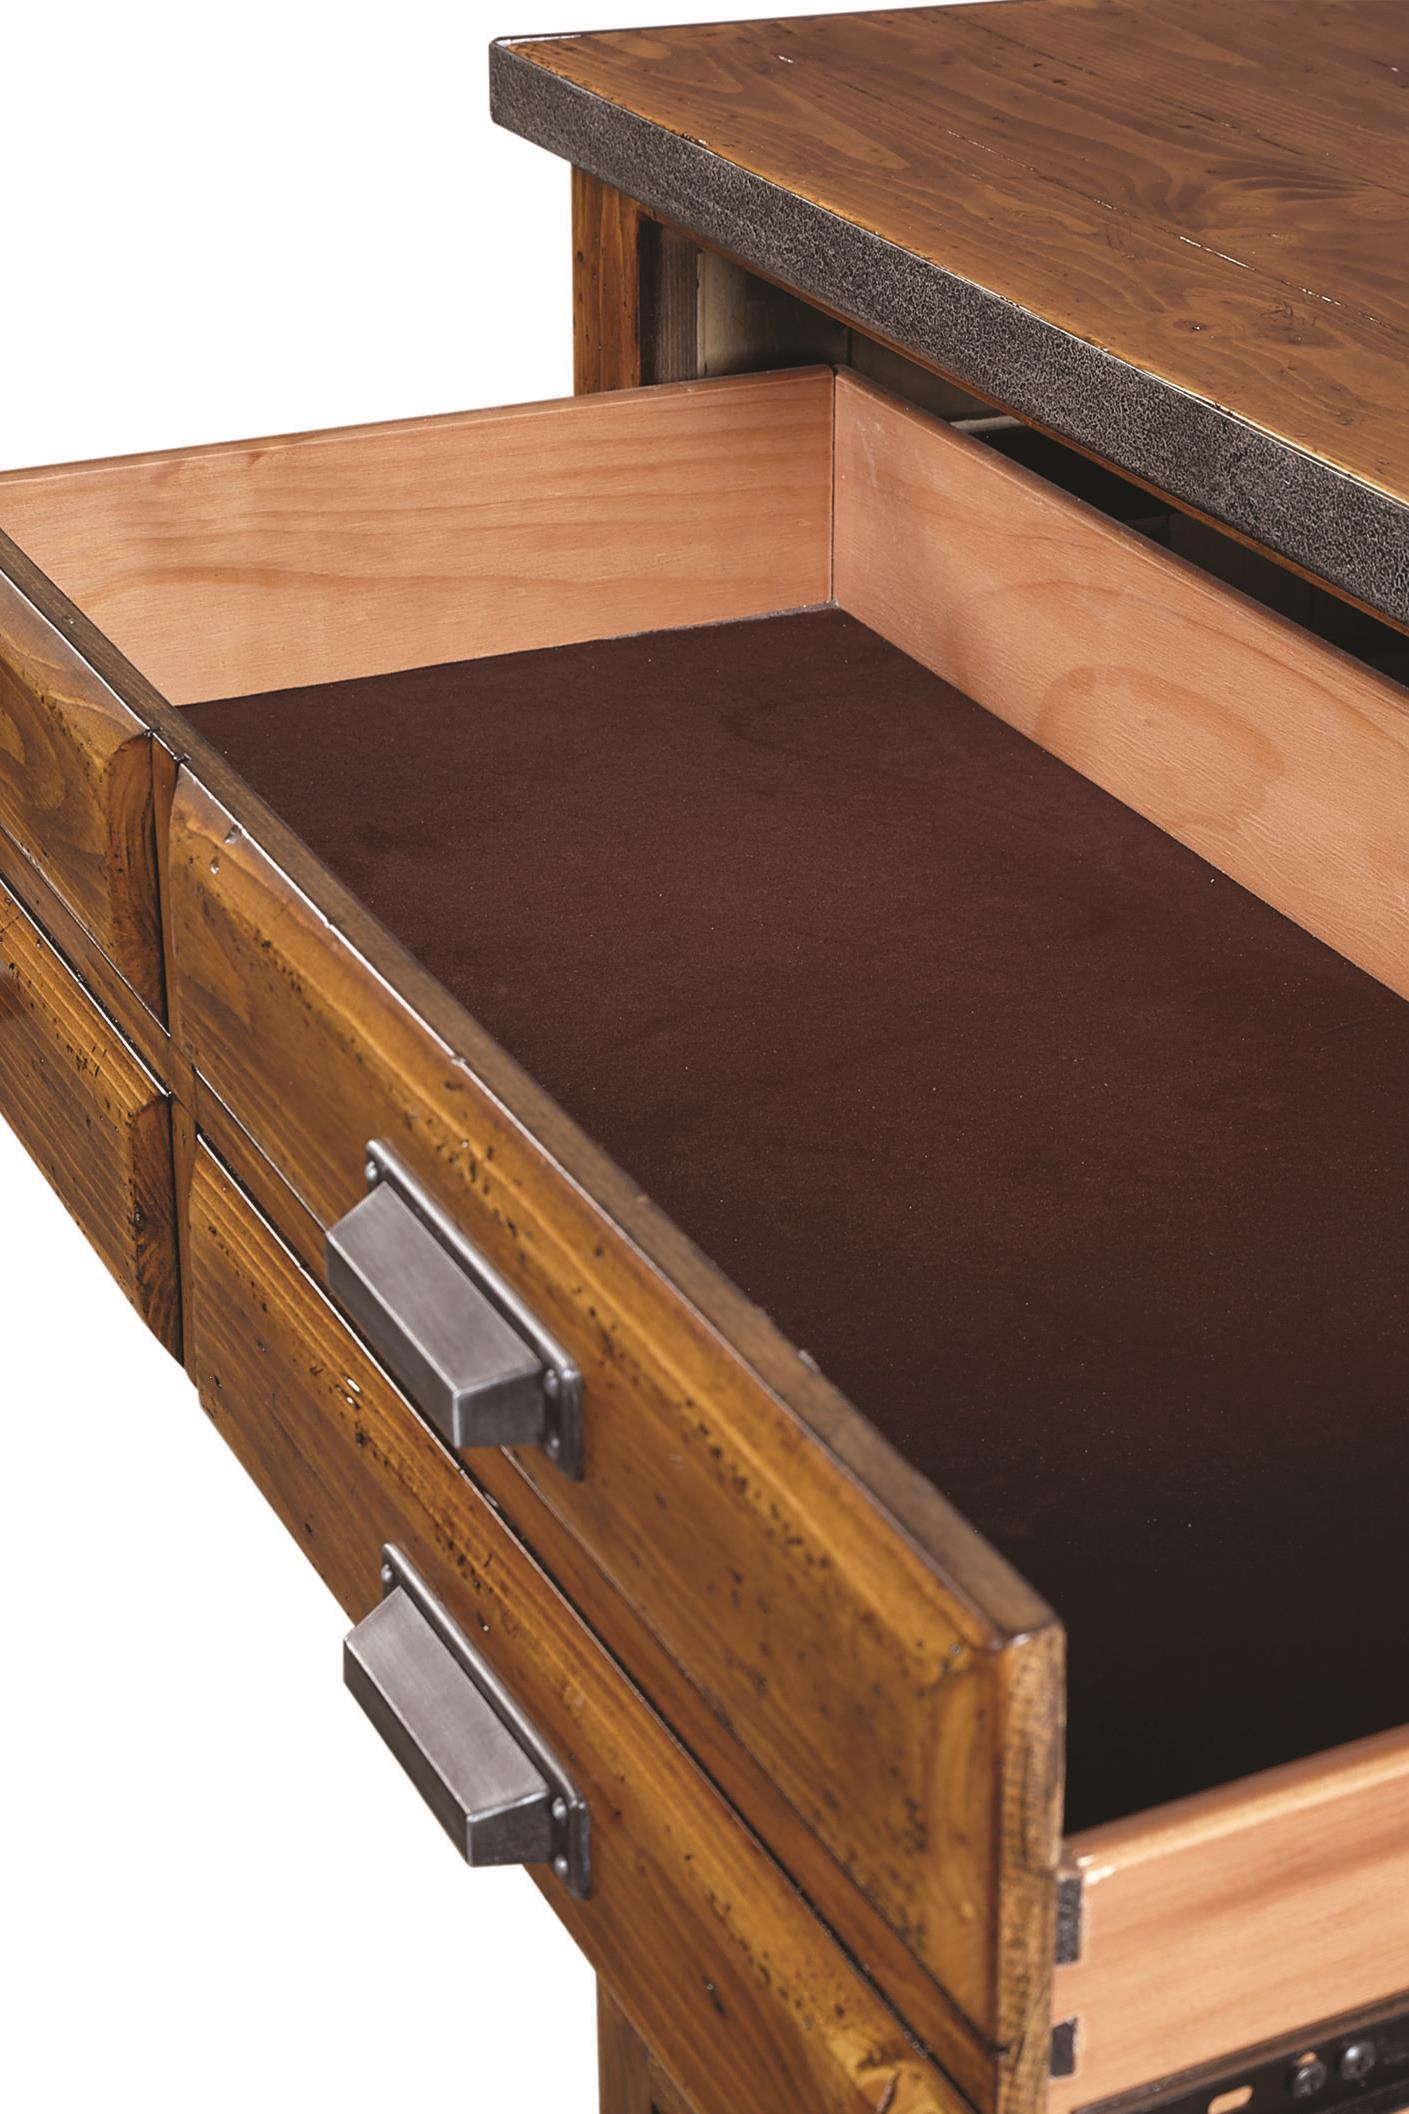 Rockland (i58) By Aspenhome   Becker Furniture World   Aspenhome Rockland  Dealer